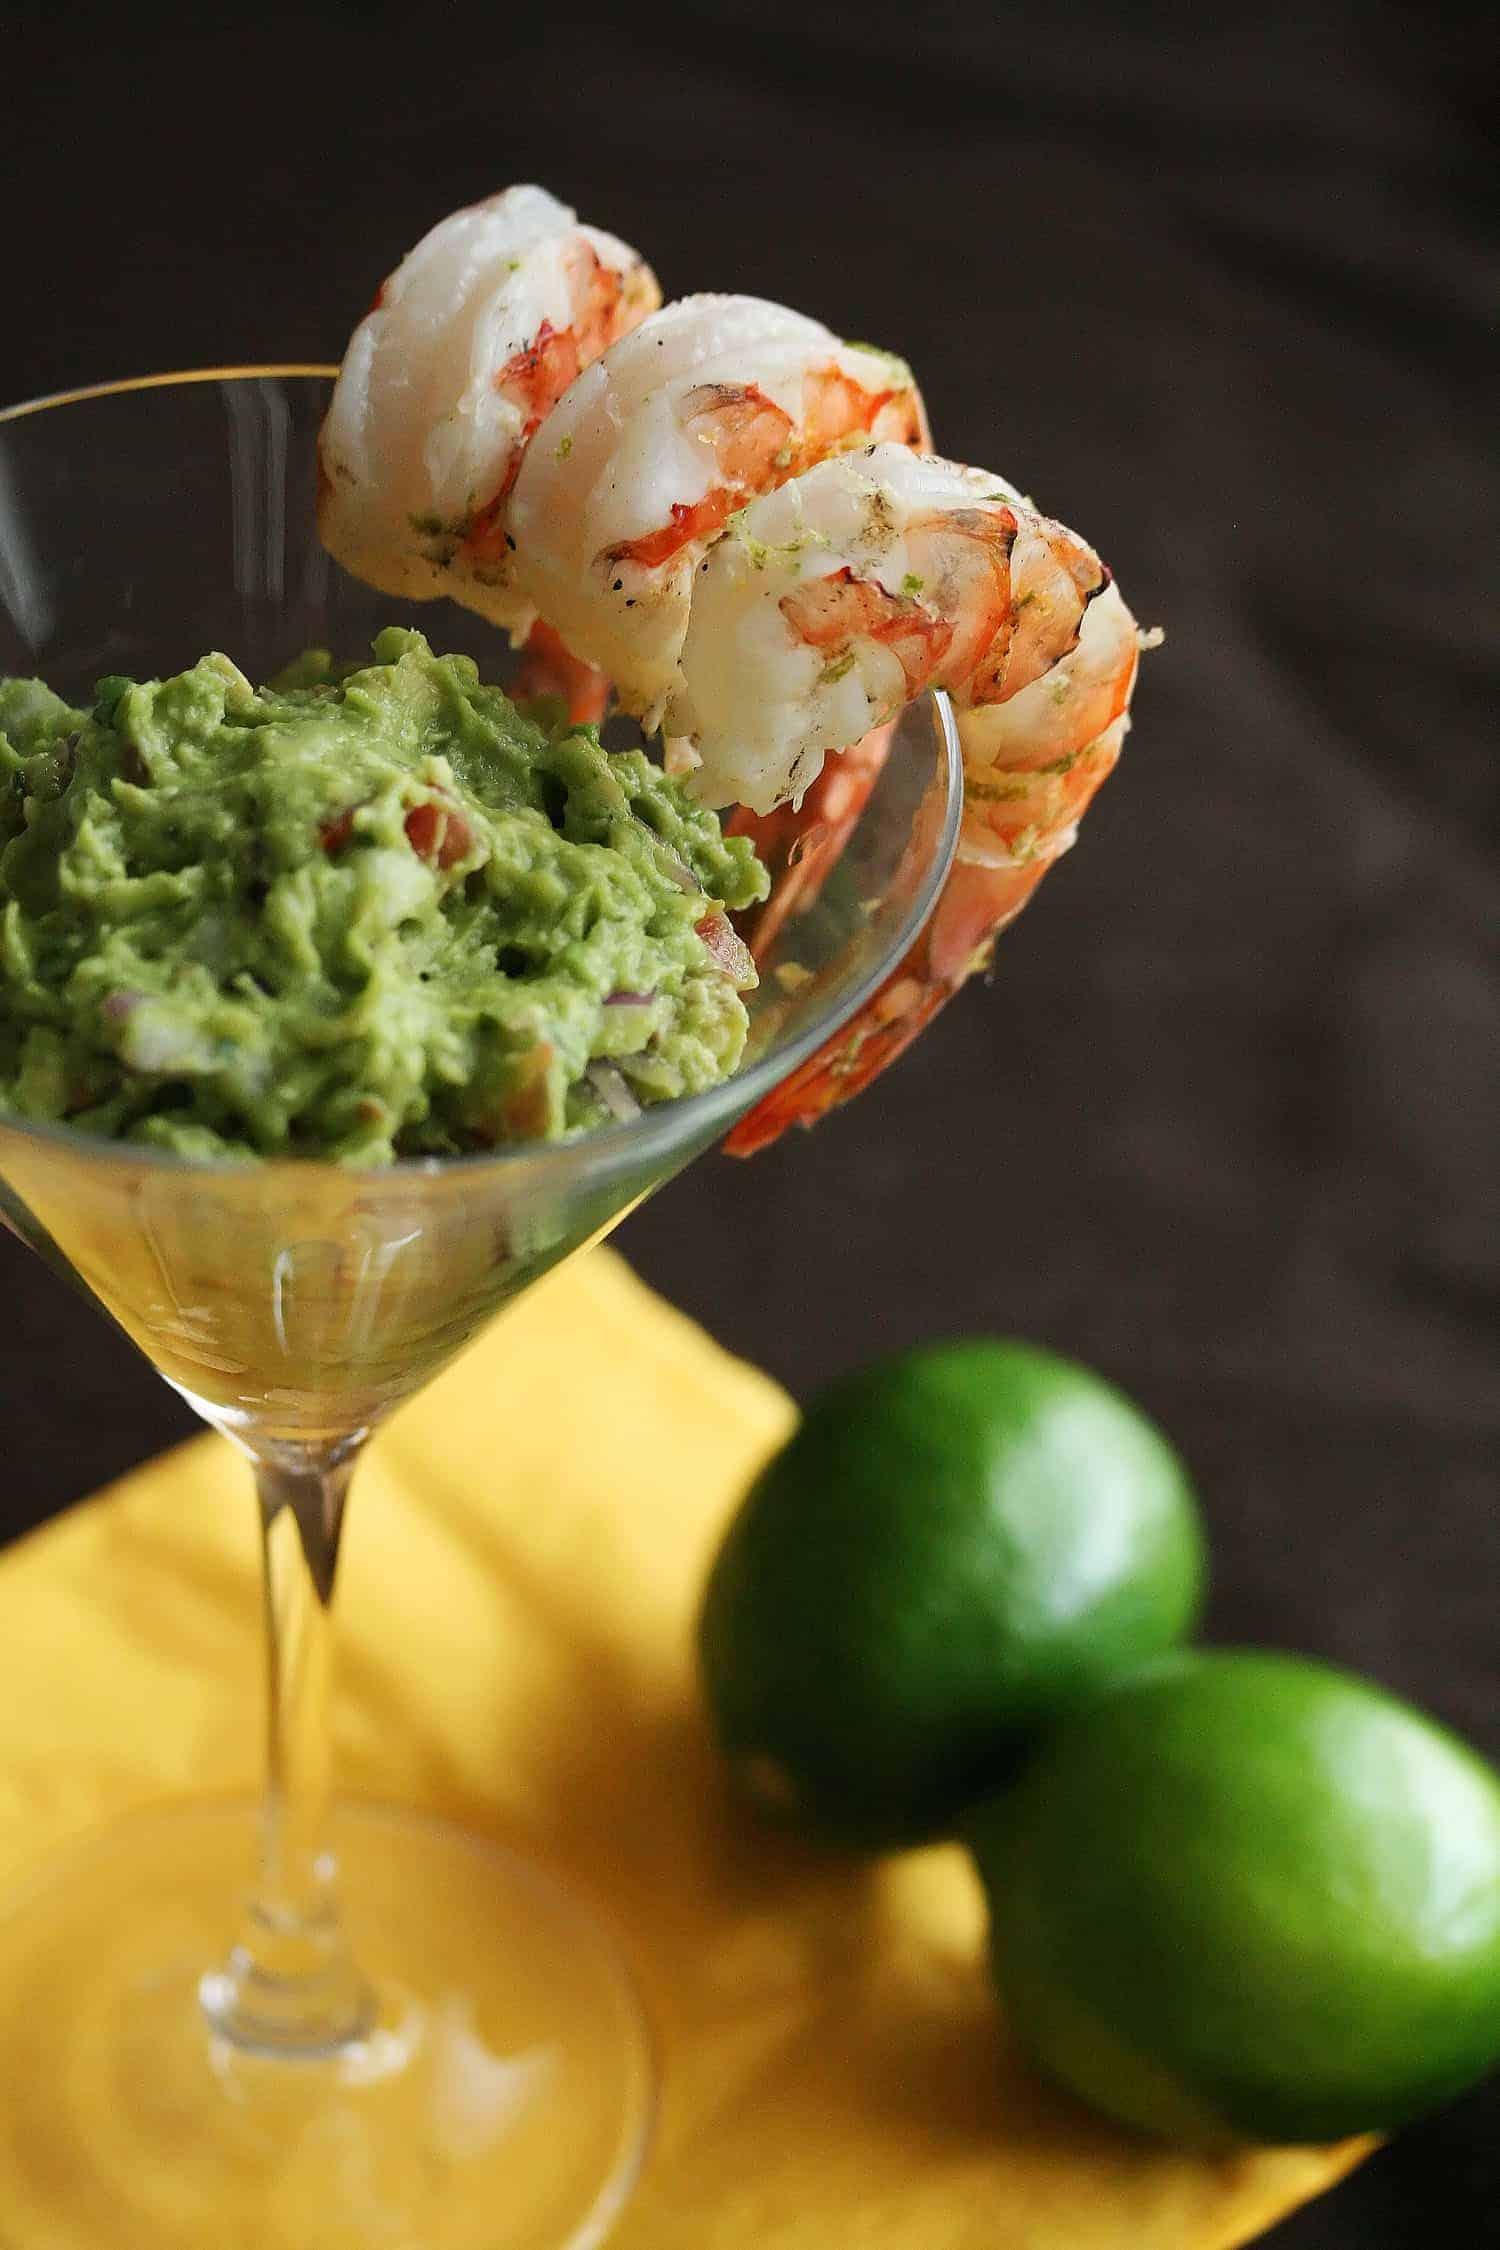 Viva Avocado! - Margarita Shrimp with Grilled Avocado Guacamole ...